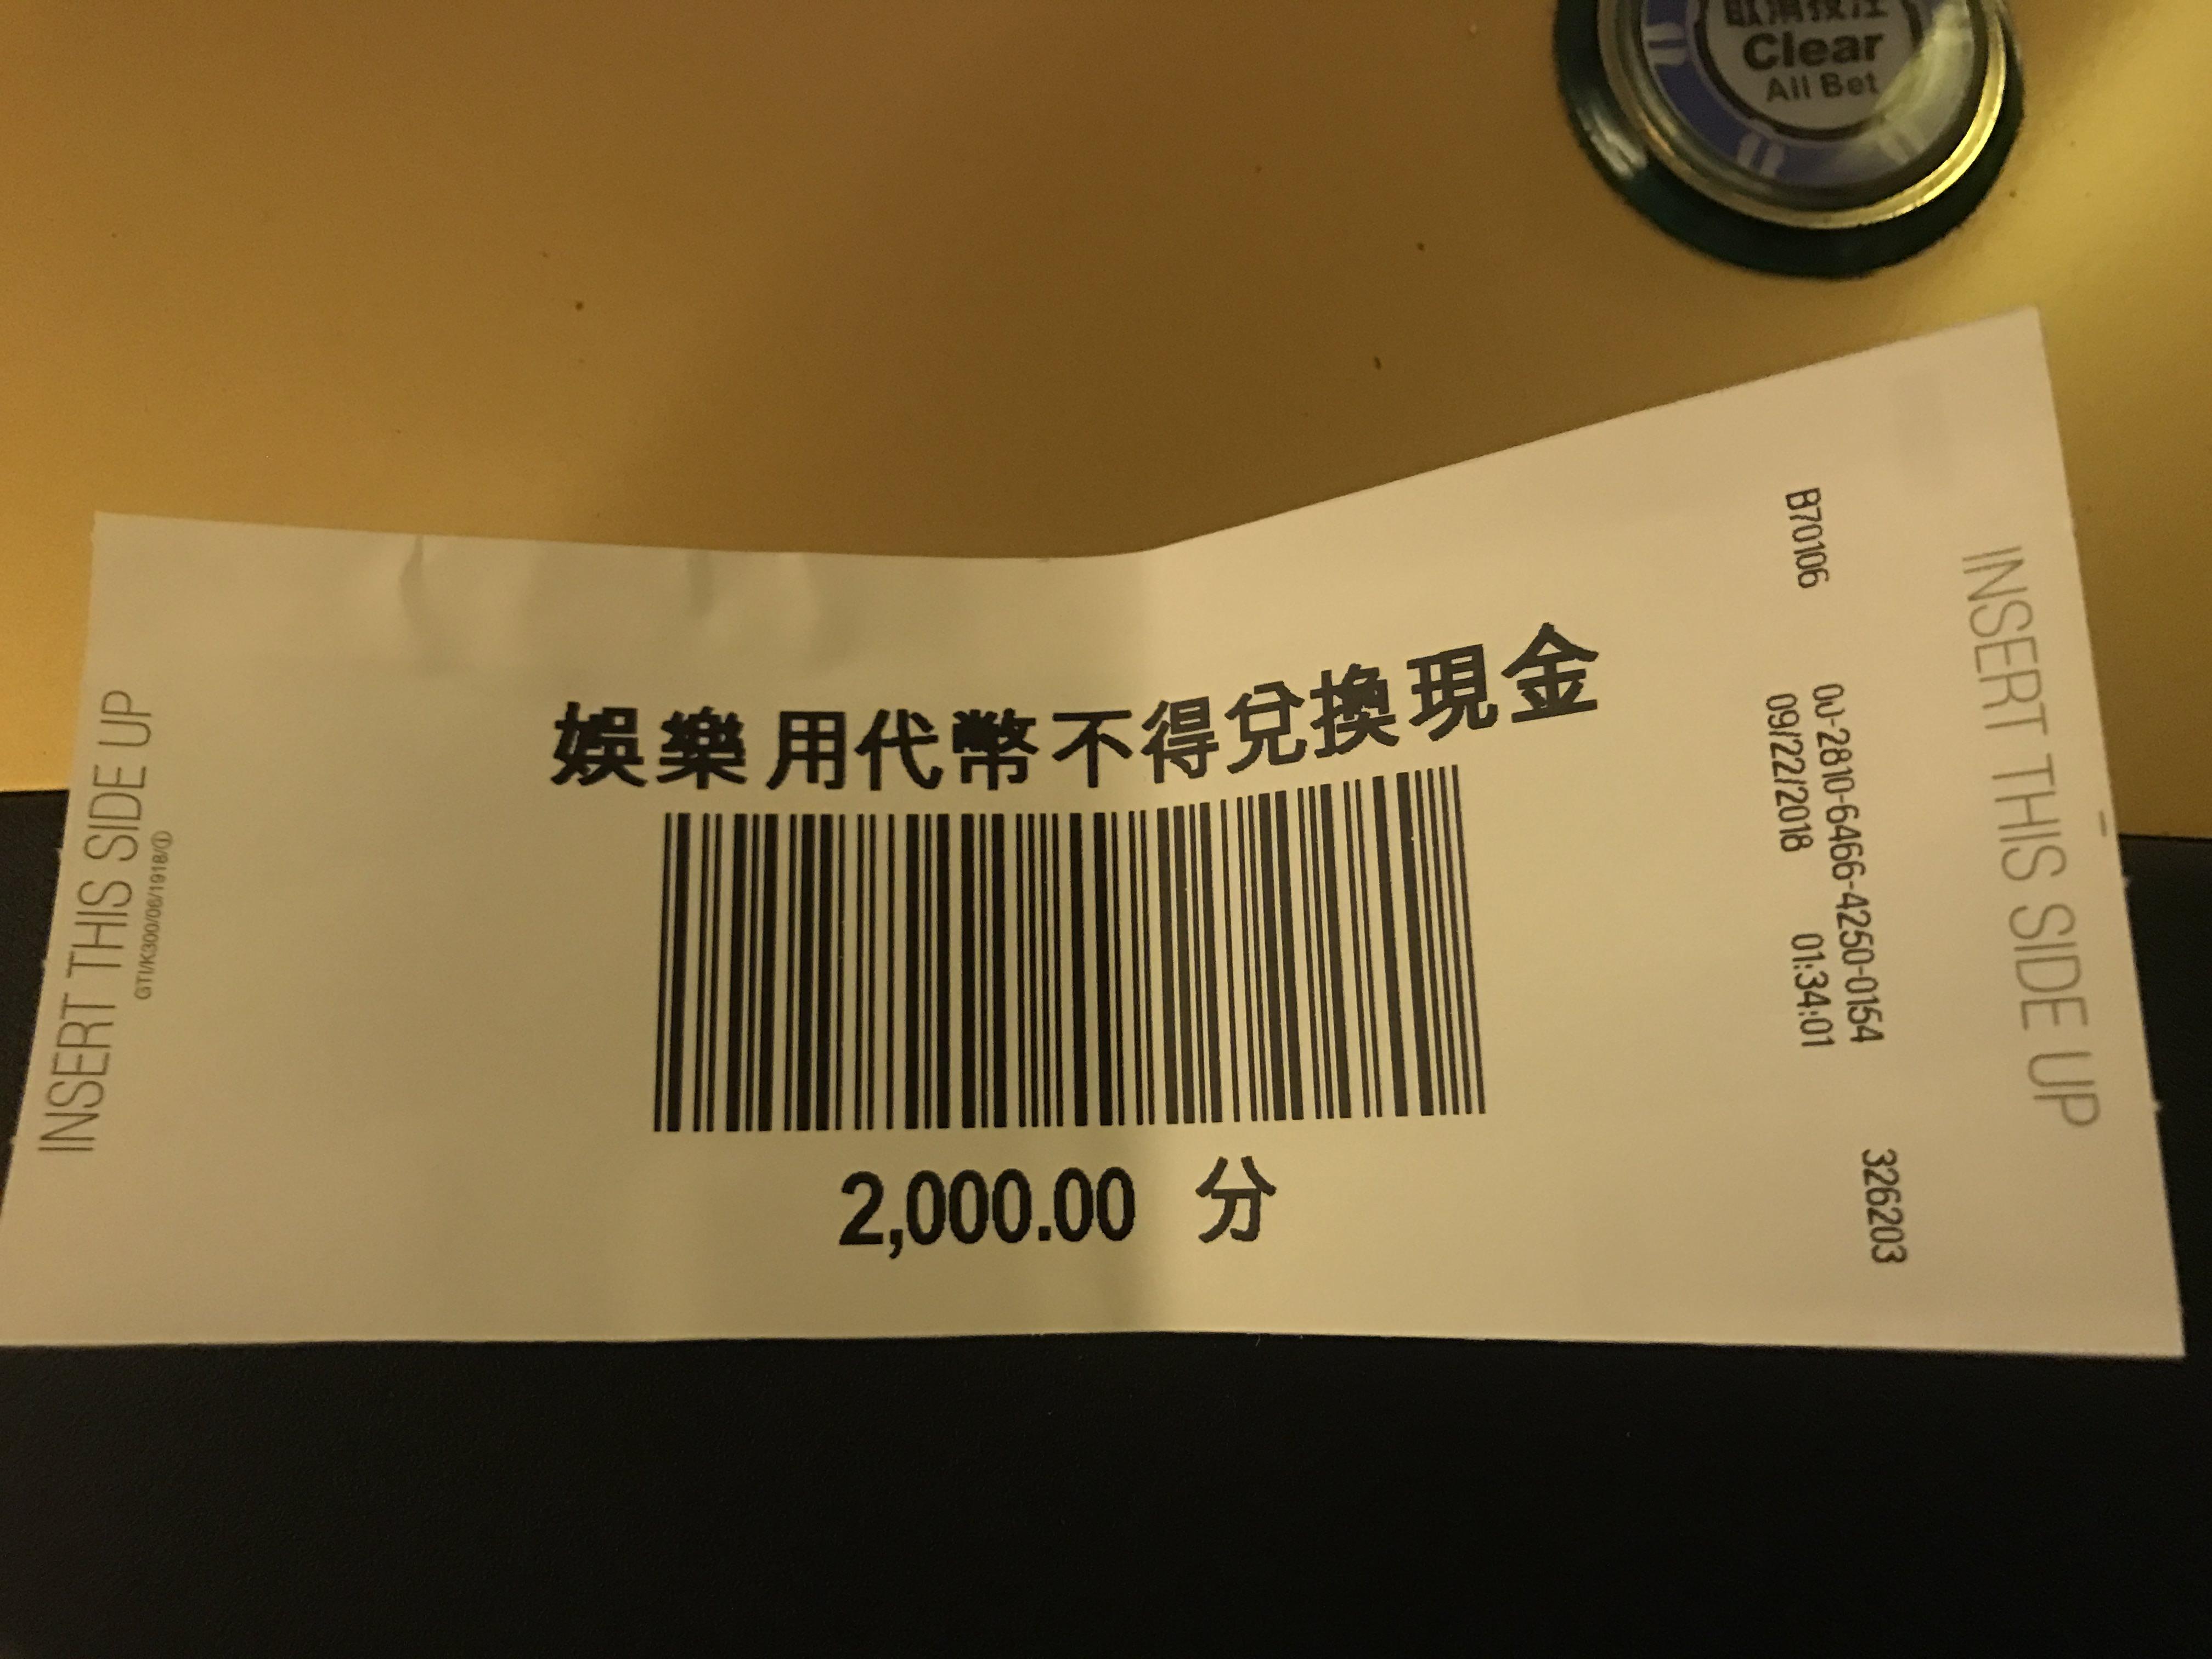 高雄賭場Casino